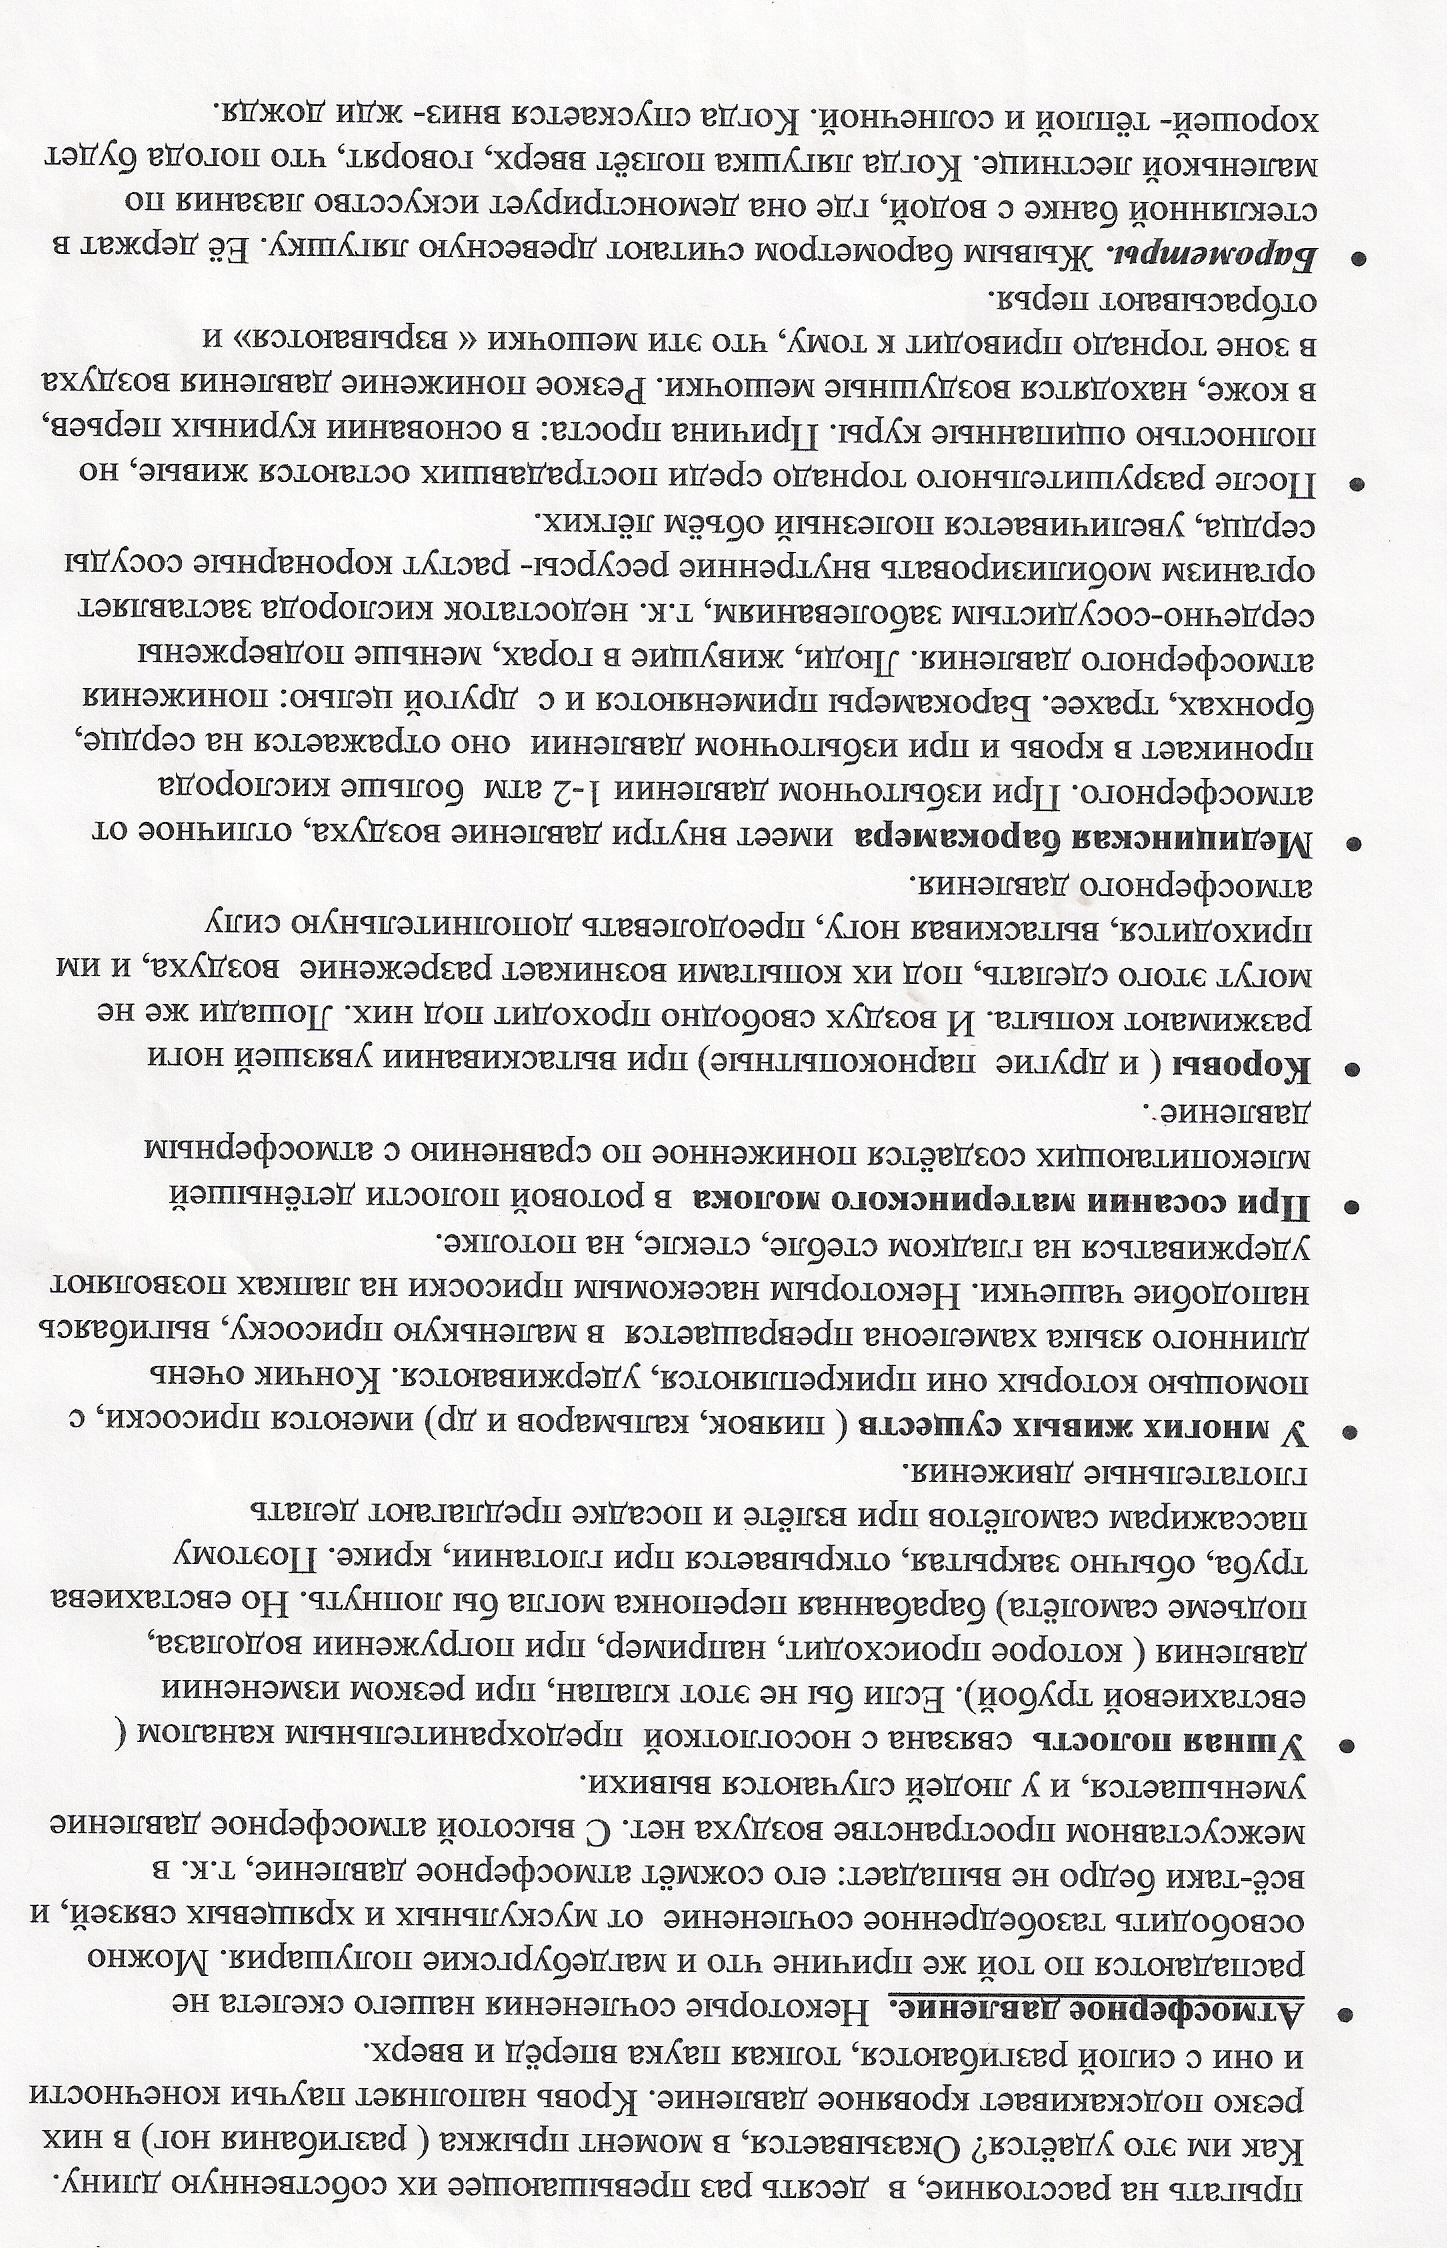 F:\ДЕЛАТЬ ПРОЕКТ\2012-03 (мар)\сканирование0032.jpg